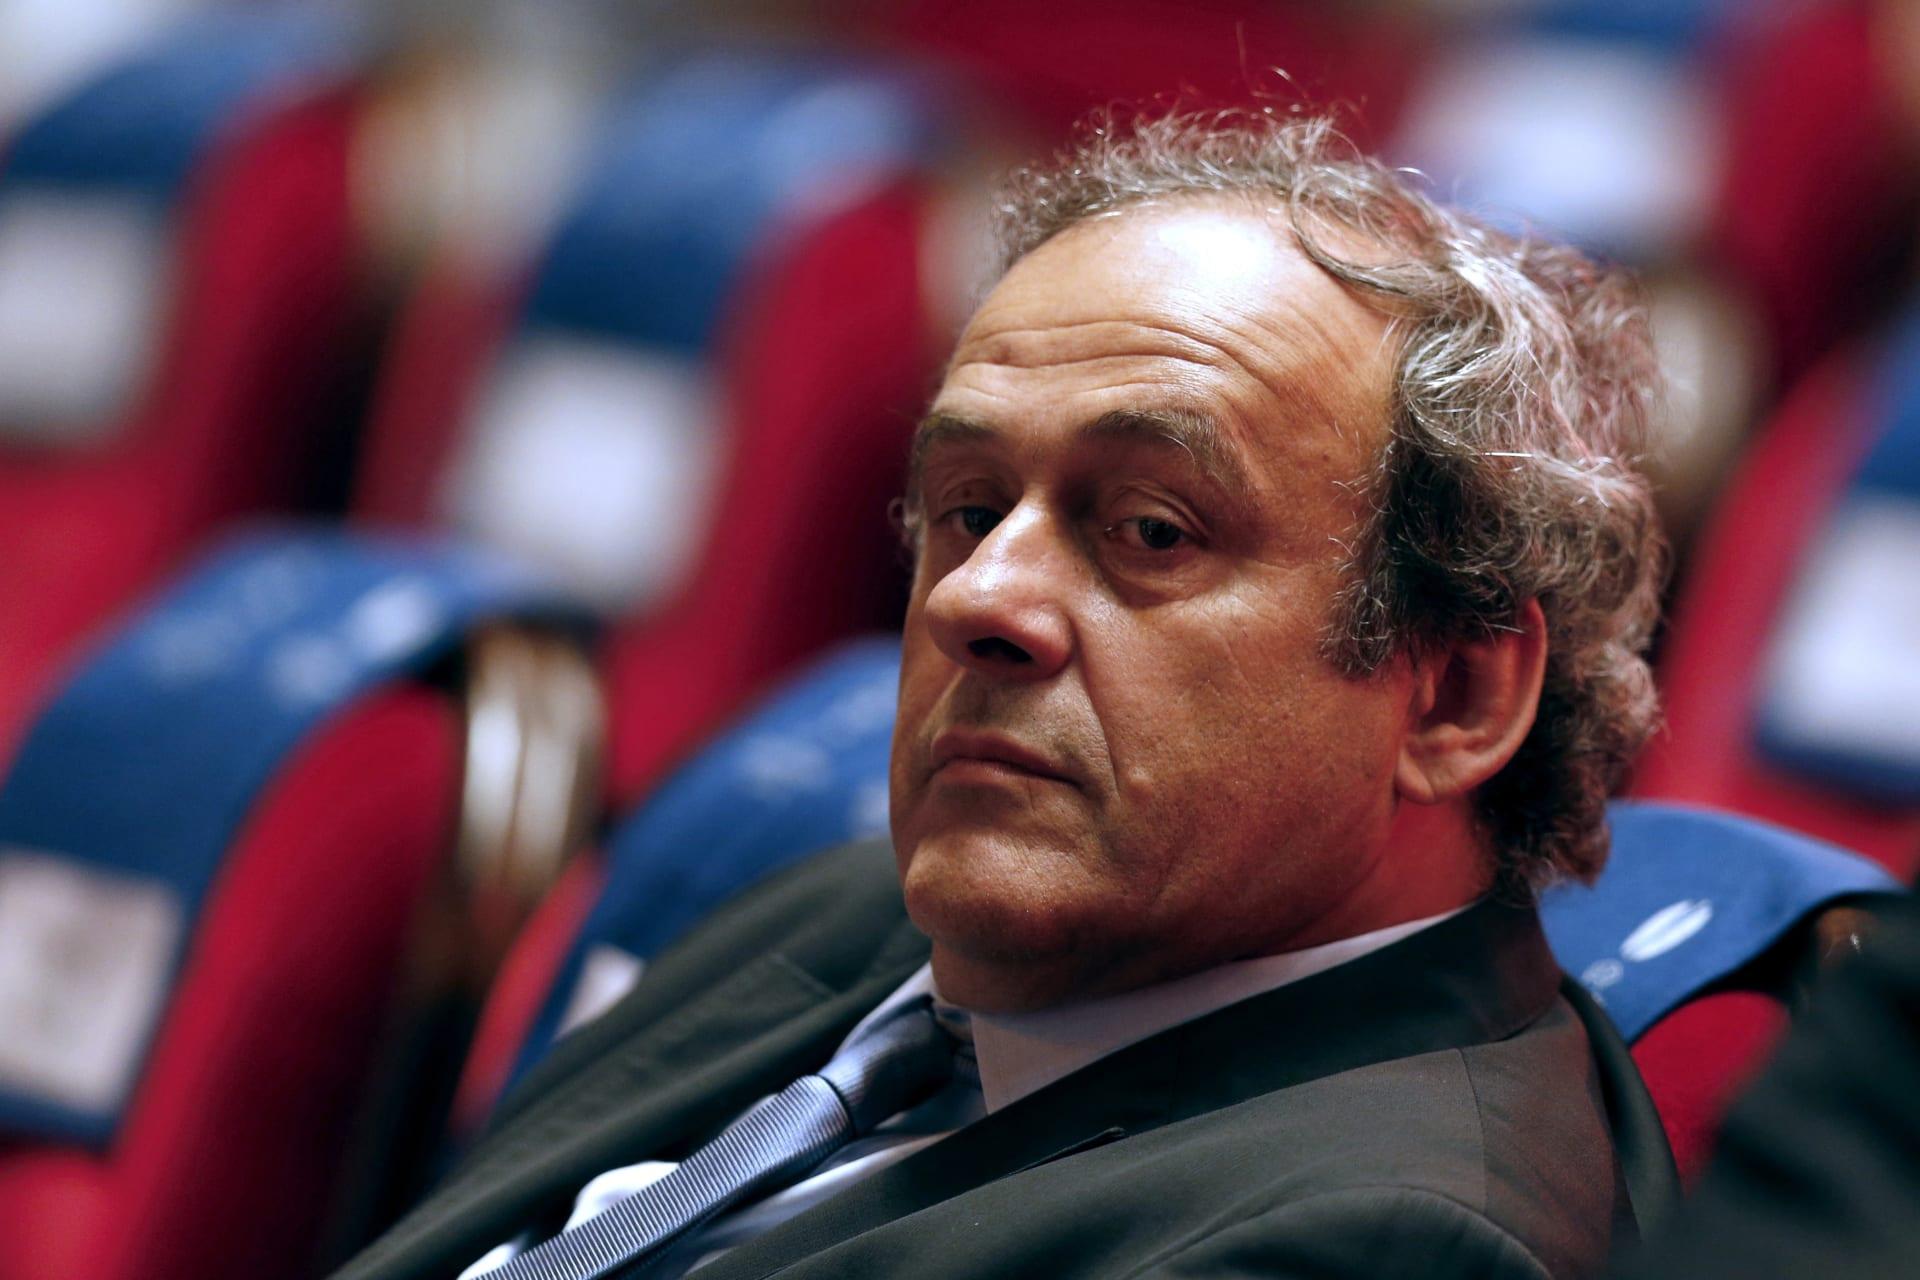 محاموه لـCNN: بلاتيني يقرر الاستقالة من رئاسة الاتحاد الأوروبي لكرة القدم